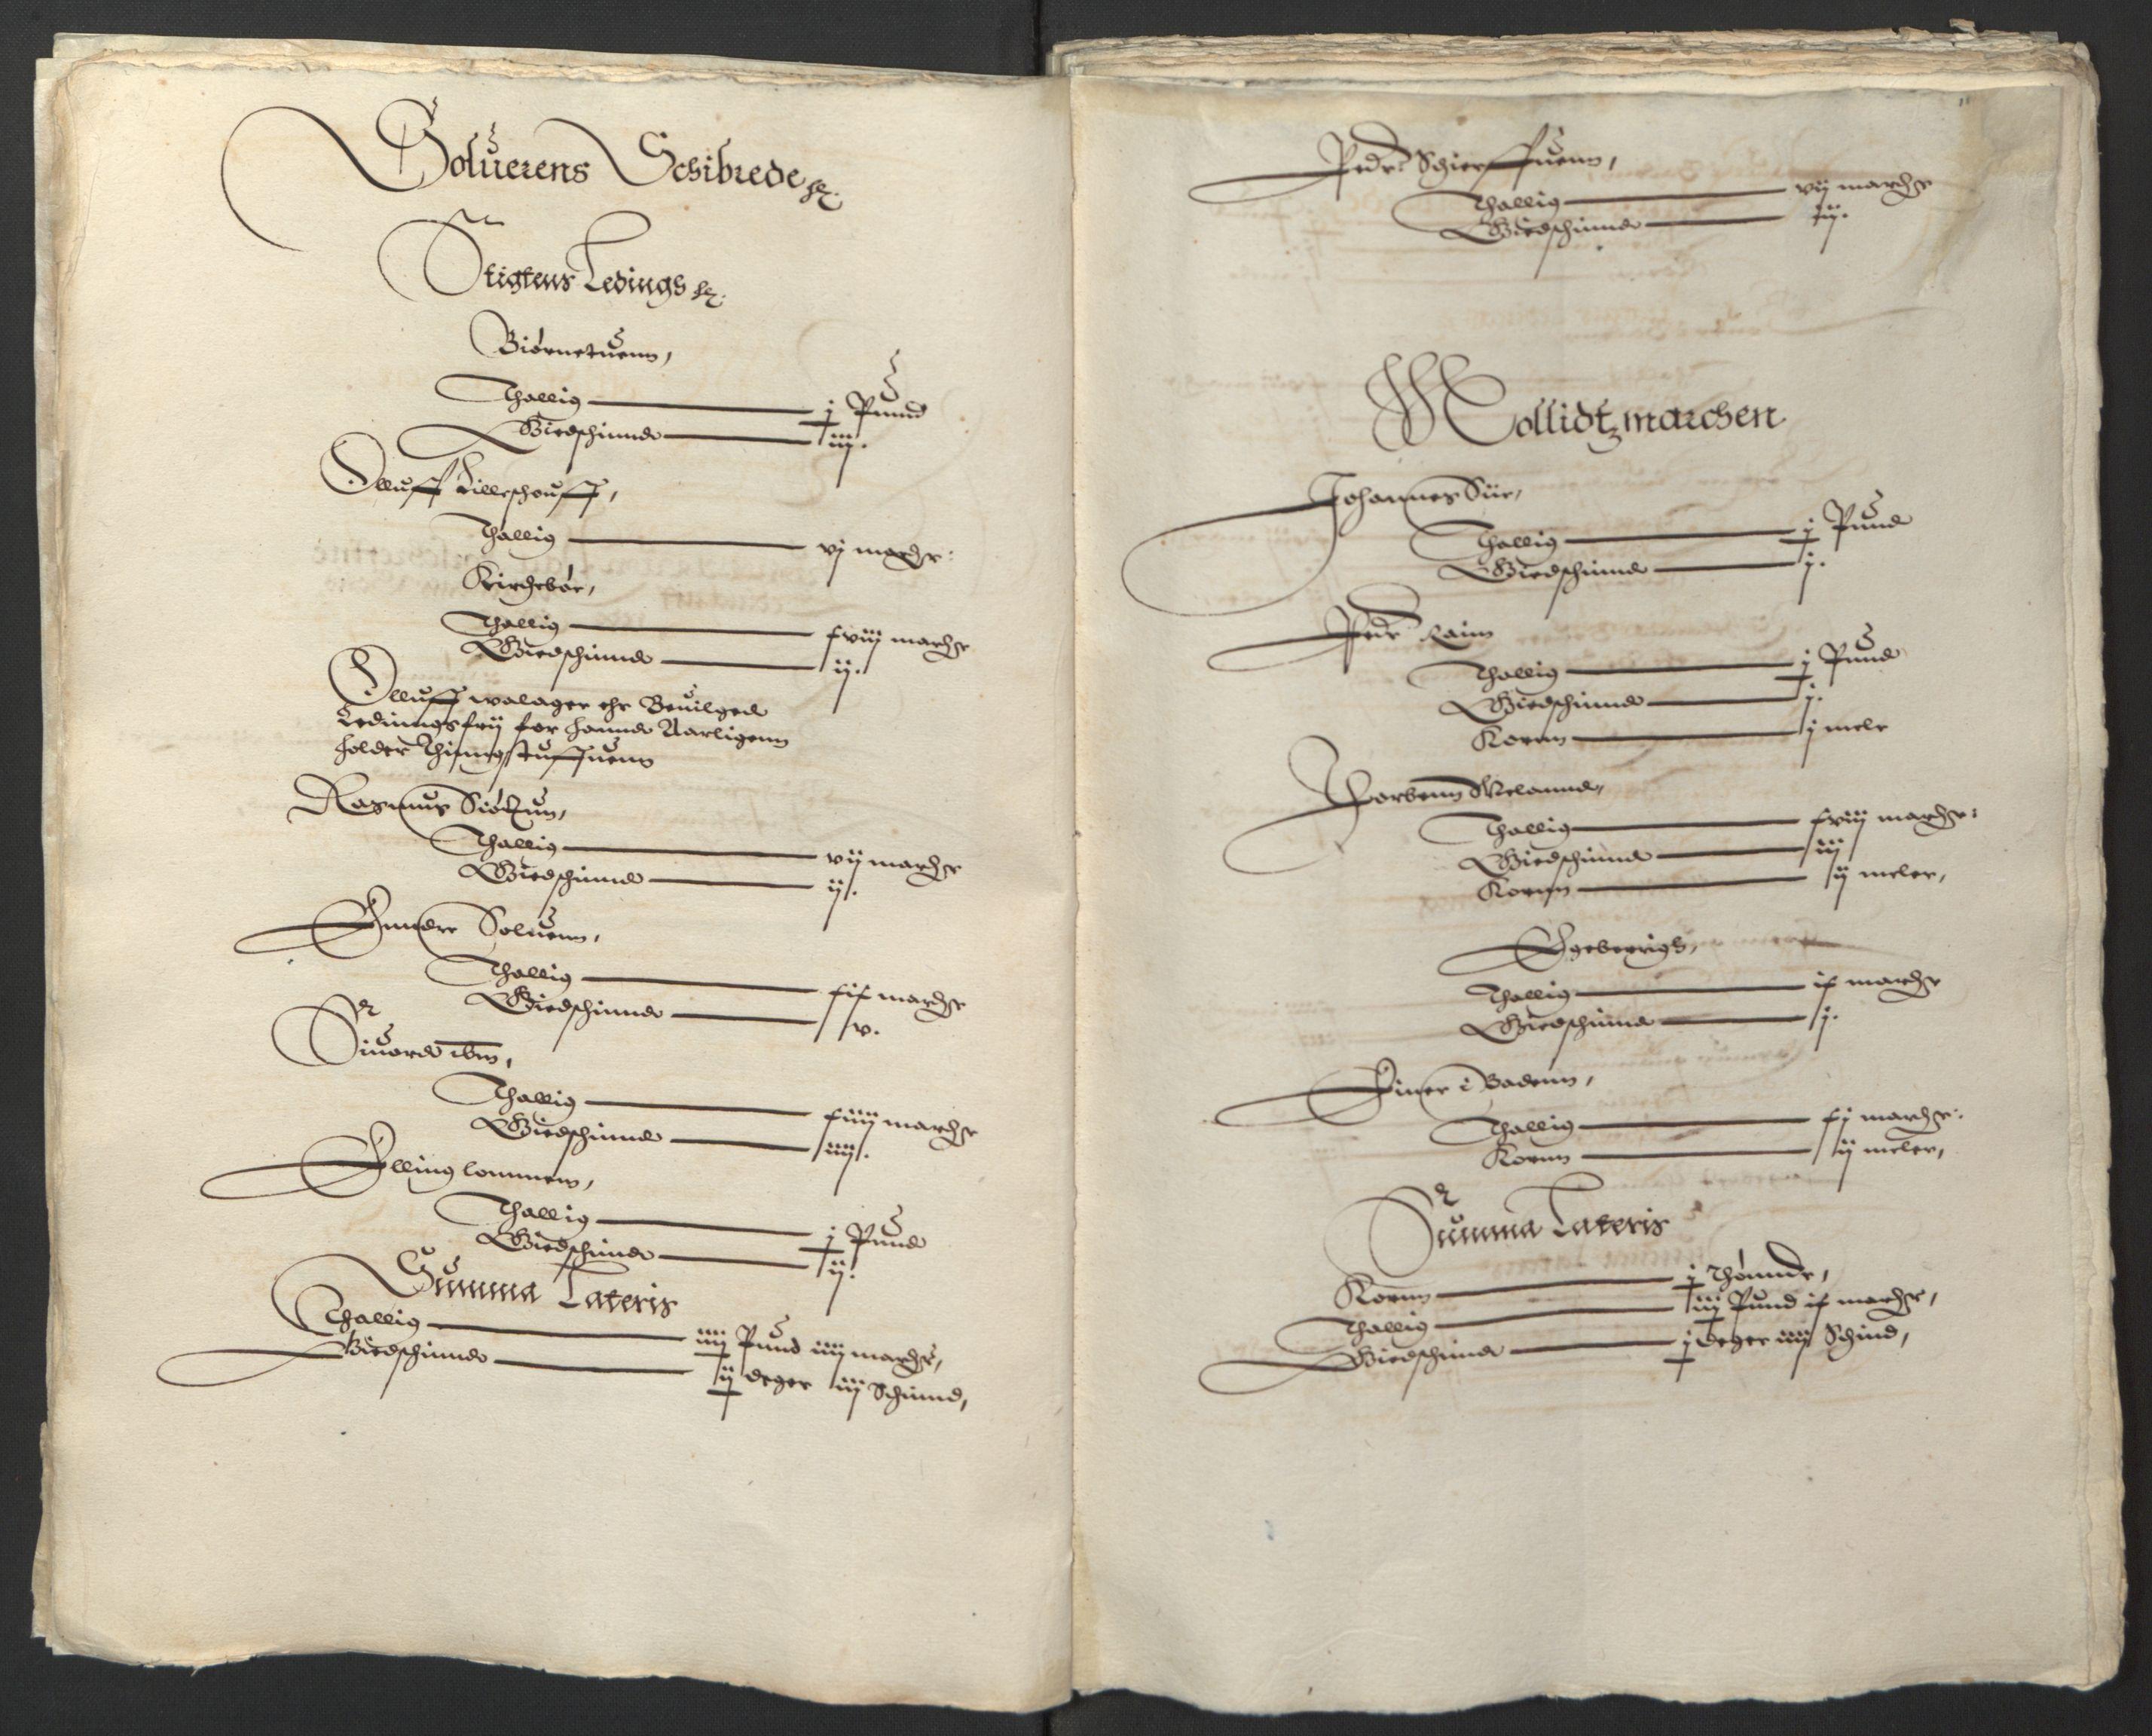 RA, Stattholderembetet 1572-1771, Ek/L0003: Jordebøker til utlikning av garnisonsskatt 1624-1626:, 1624-1625, s. 126